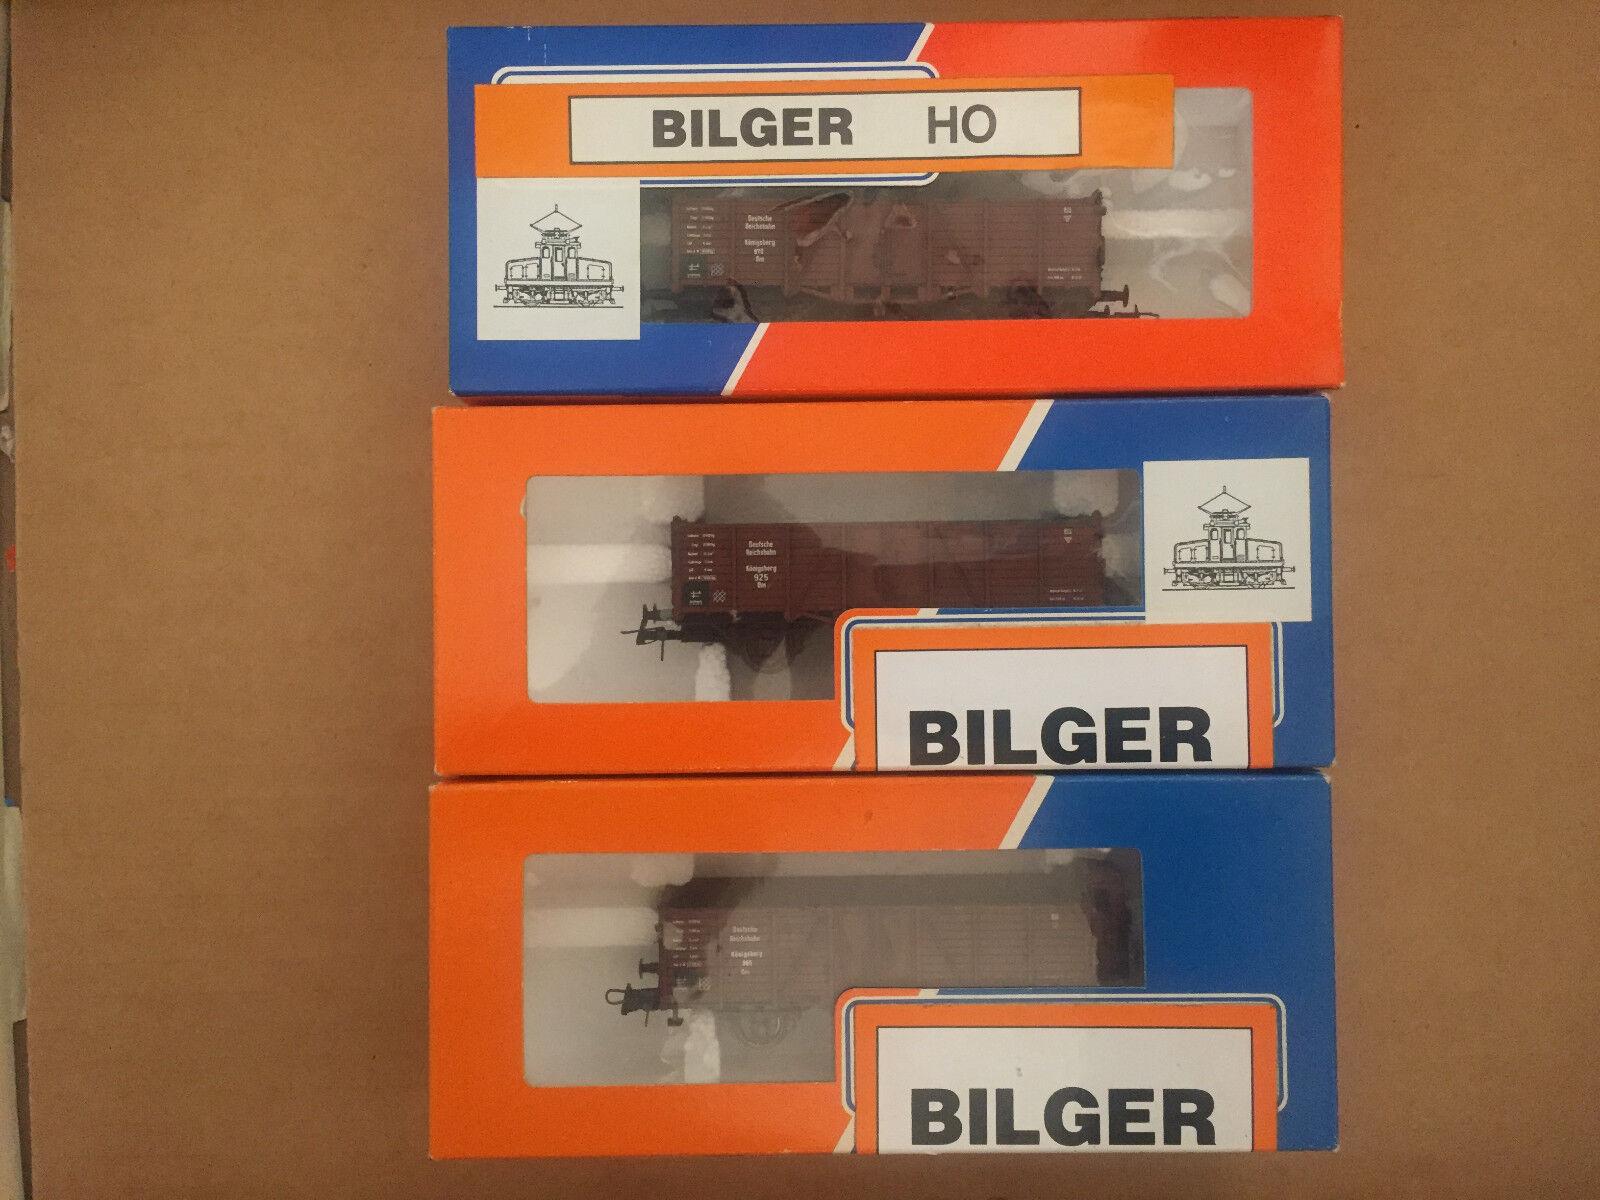 Bilger ho (roco-base) 3 x elevado a bordo del Cochero drart.nr 22402 22402 22201 nuevo + embalaje original